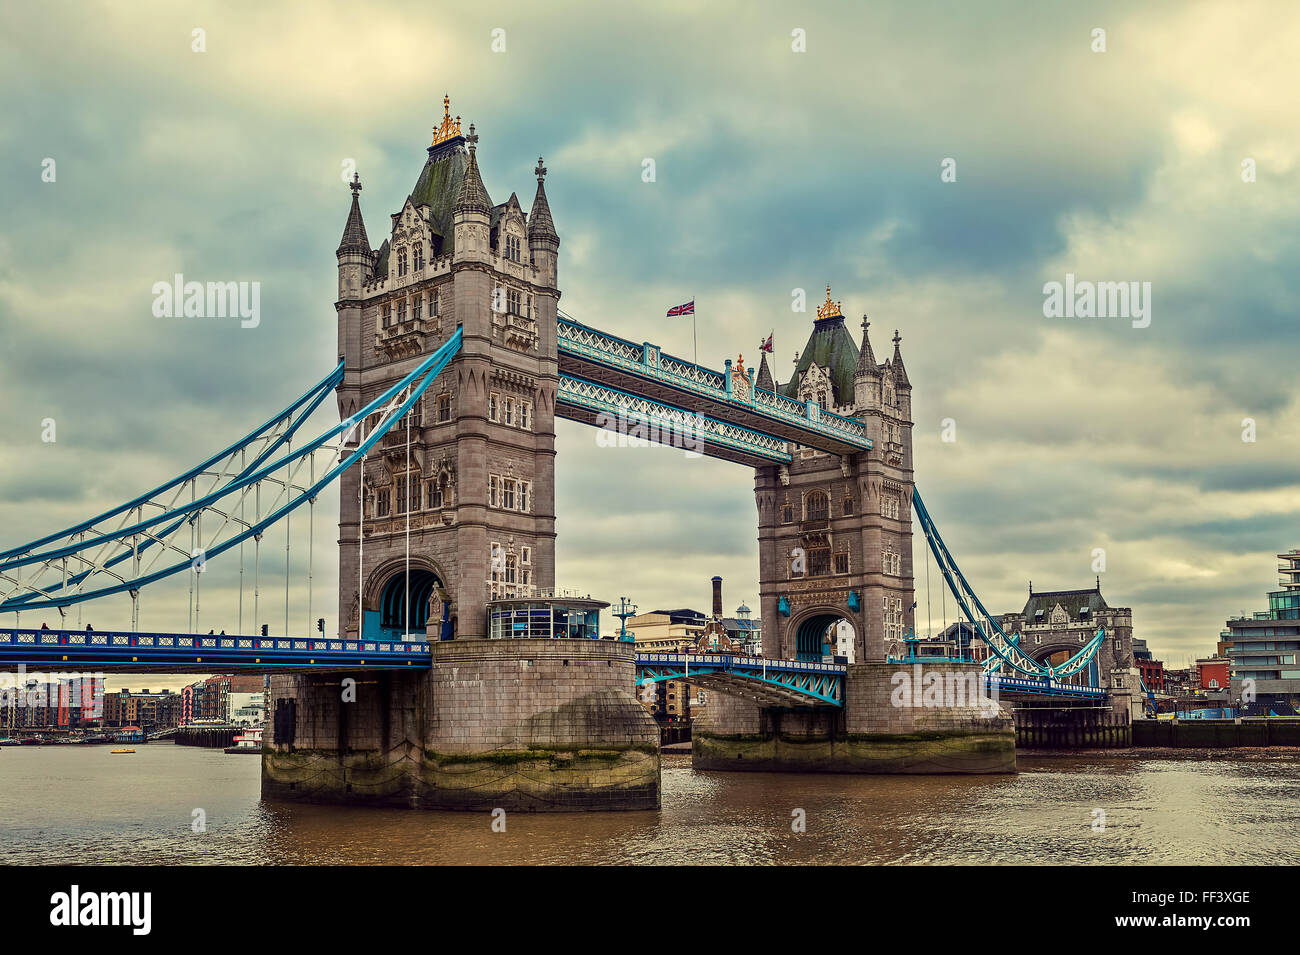 Blick auf die Tower Bridge unter bewölktem Himmel in London, Vereinigtes Königreich. Stockbild